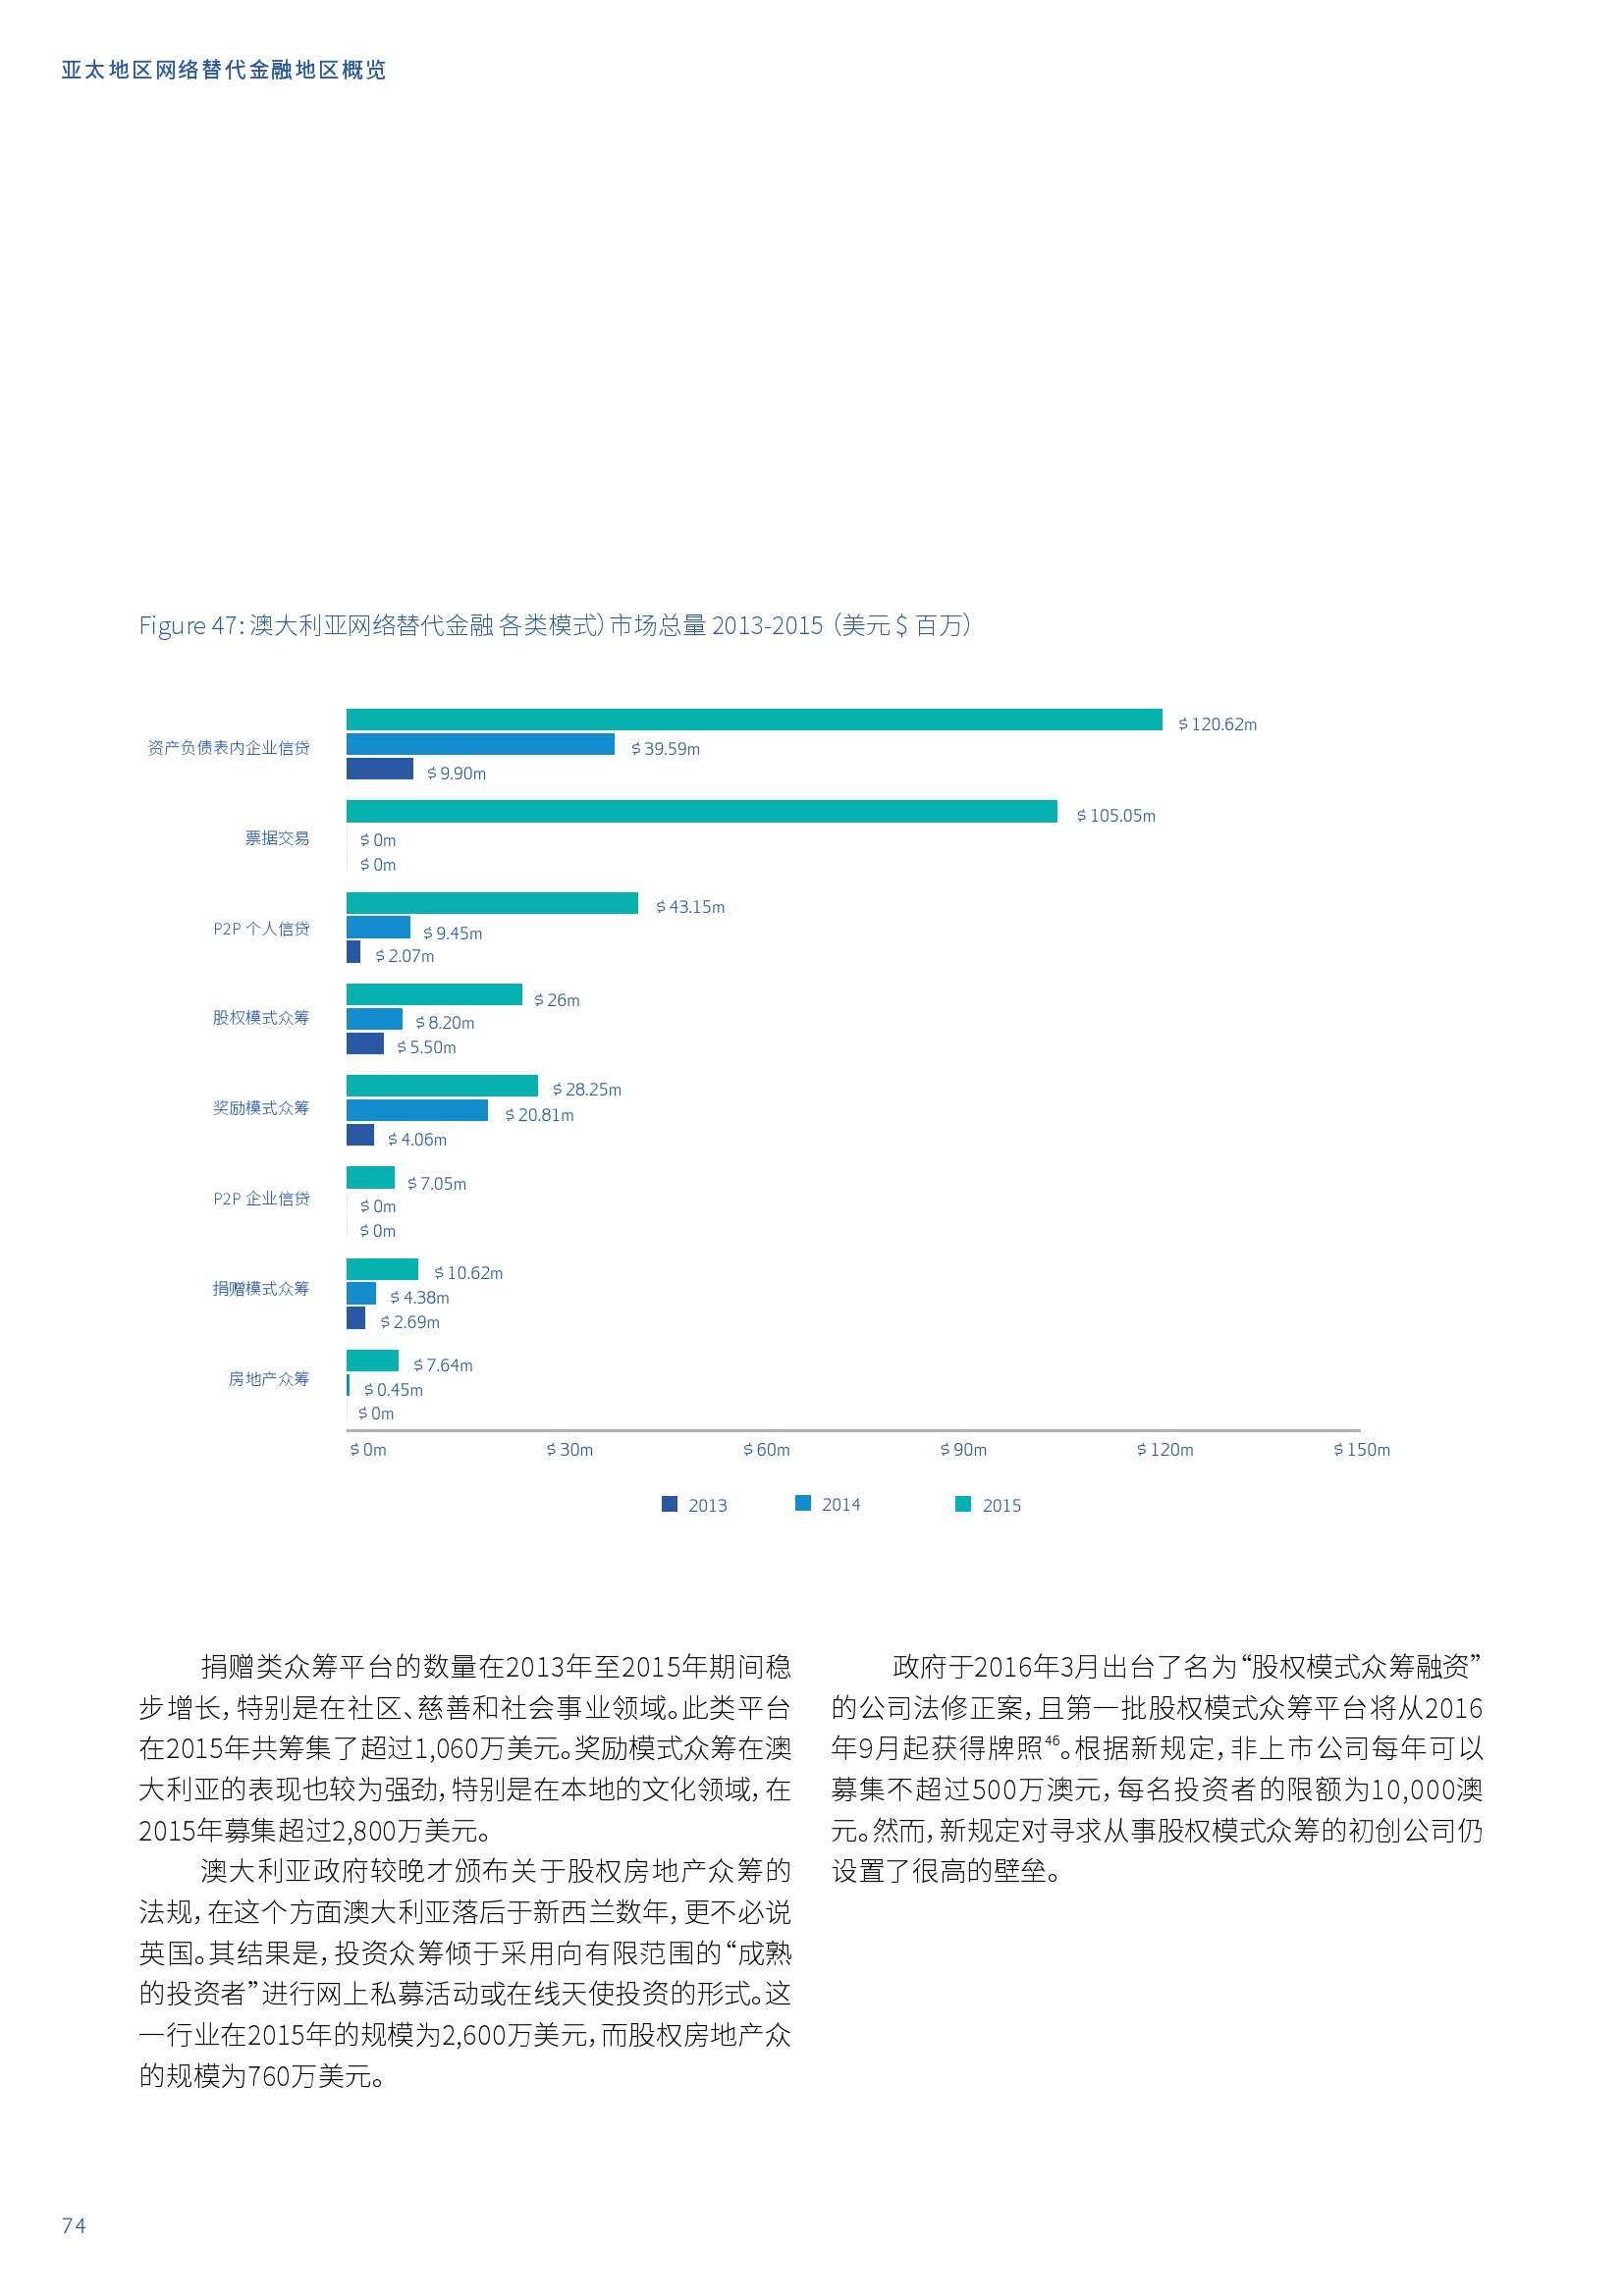 亚太地区网络替代金融基准报告_000074